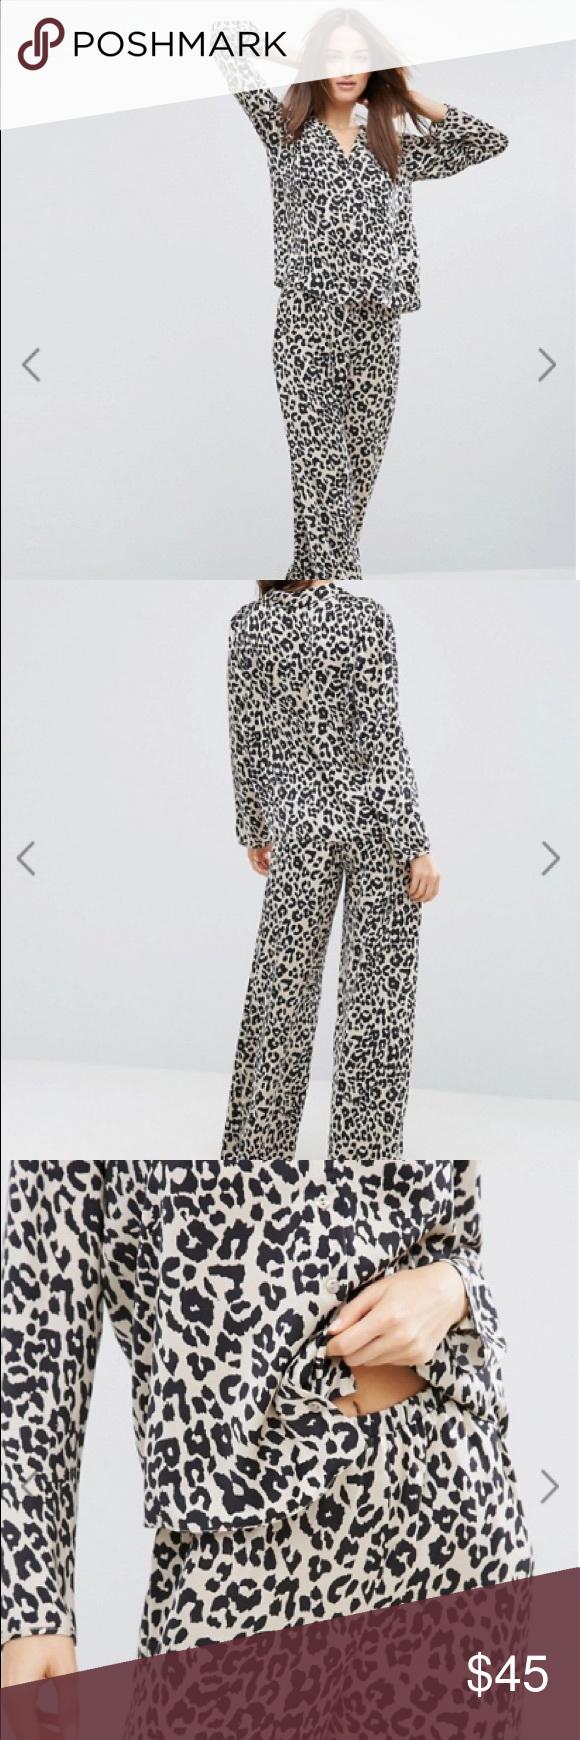 99bca3c0d8 ASOS Natural Leopard Print Satin Pajama Set NWOT ASOS Natural Leopard Print  Satin Long Sleeve Shirt